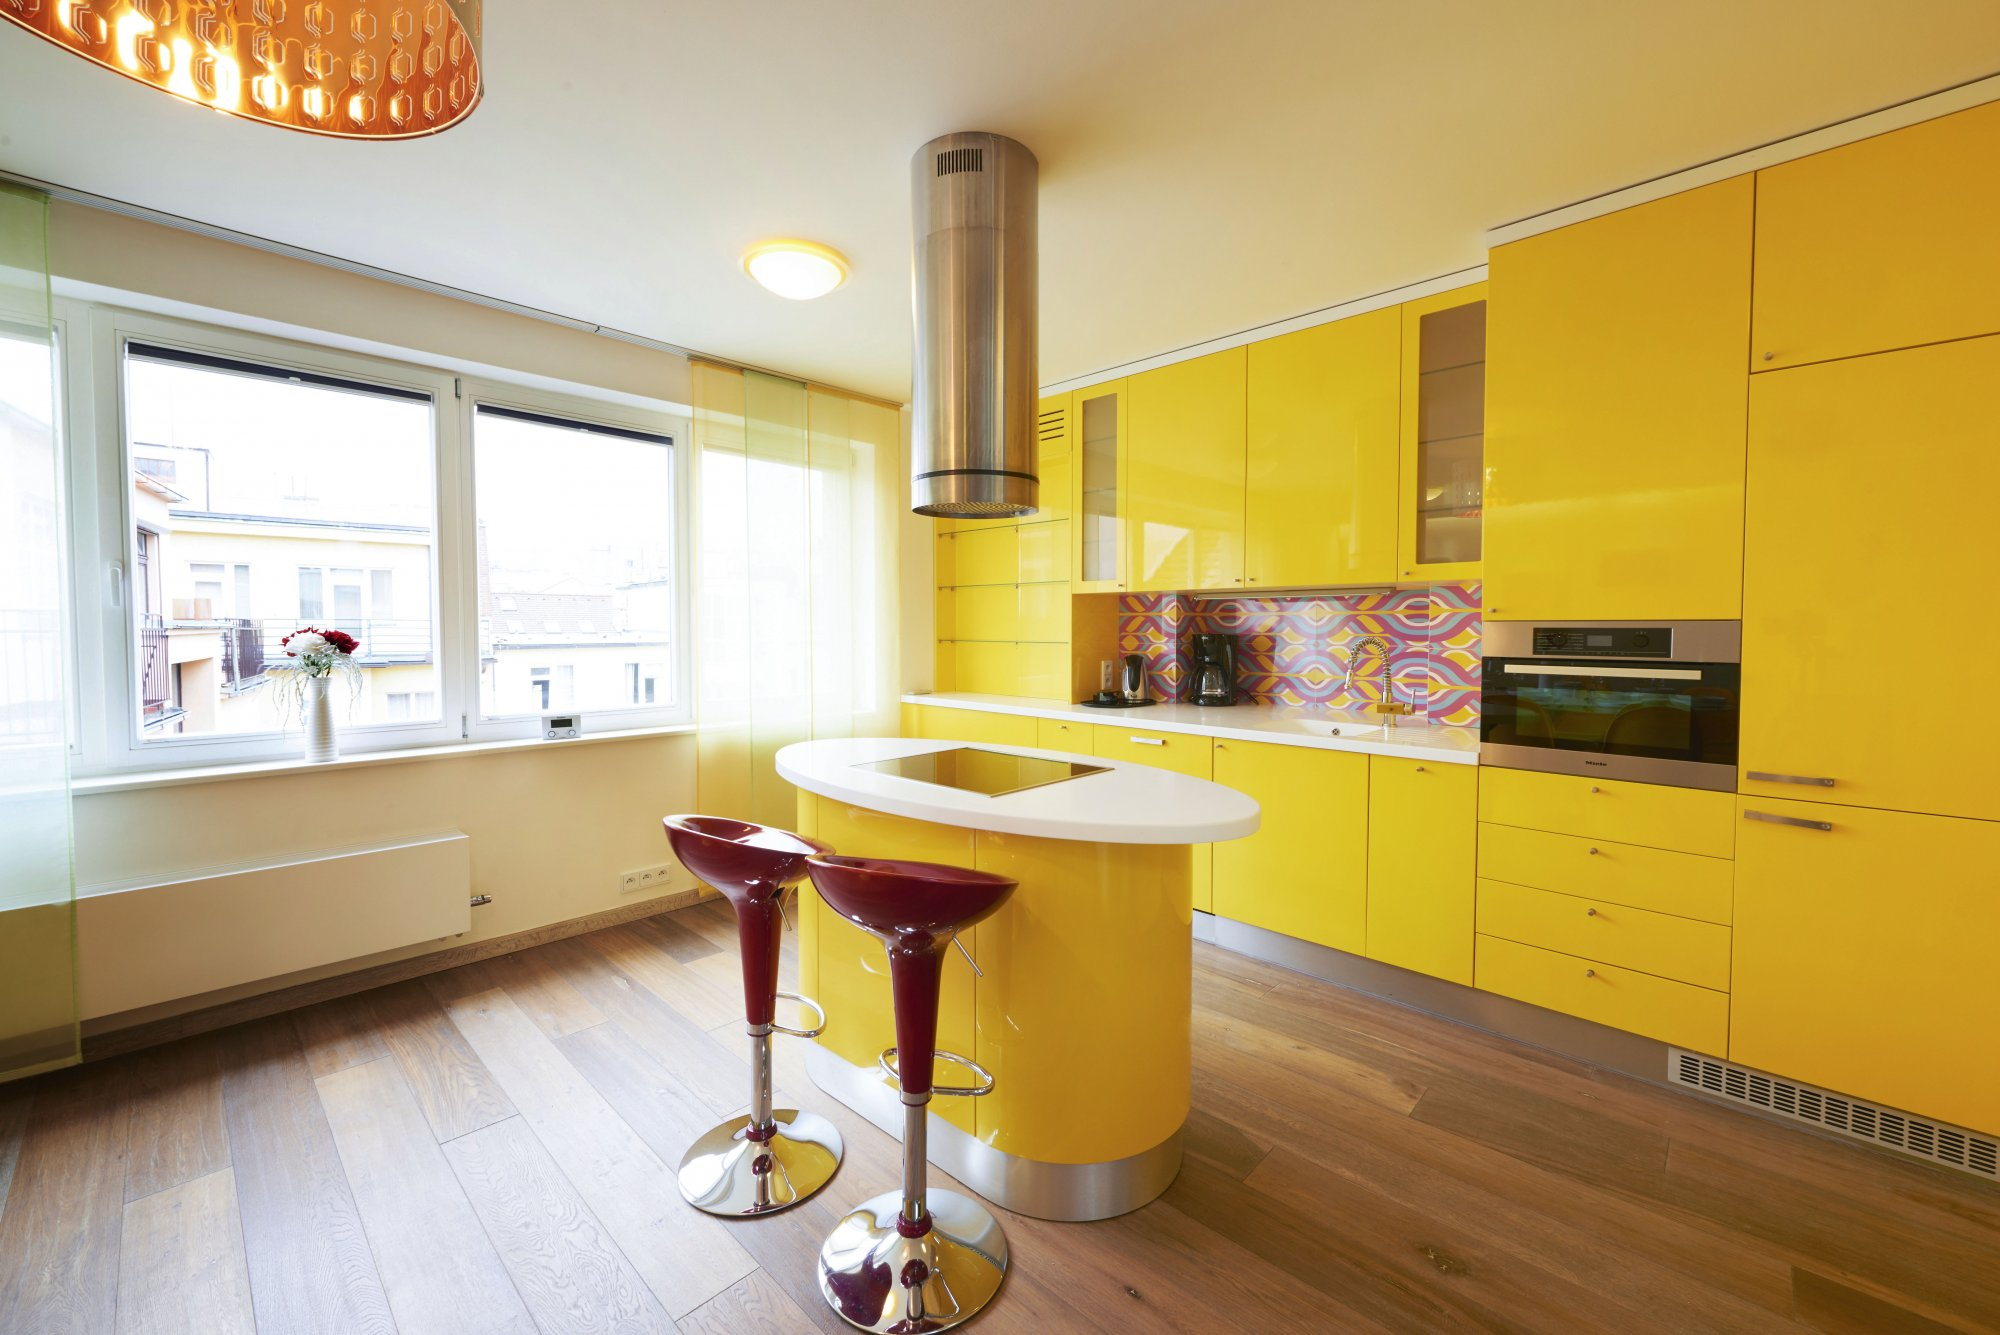 Půdní byt 3+kk, plocha 178 m², ulice Navrátilova, Praha 1 - Nové Město | 3